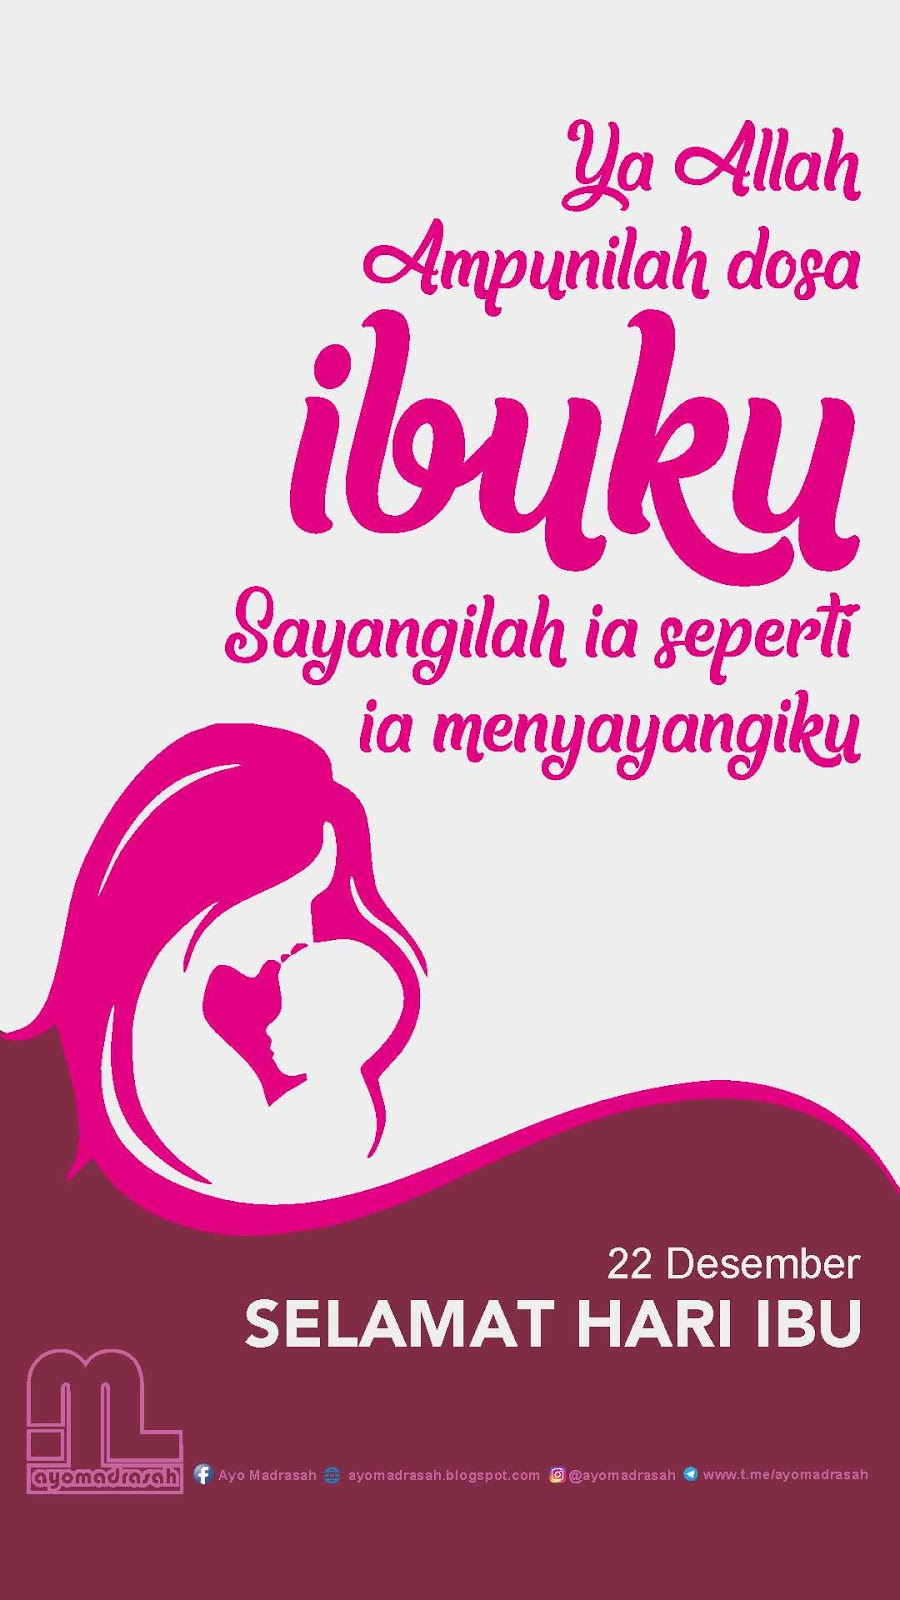 Materi Pelajaran 5 Kumpulan Gambar Ucapan Selamat Hari Ibu